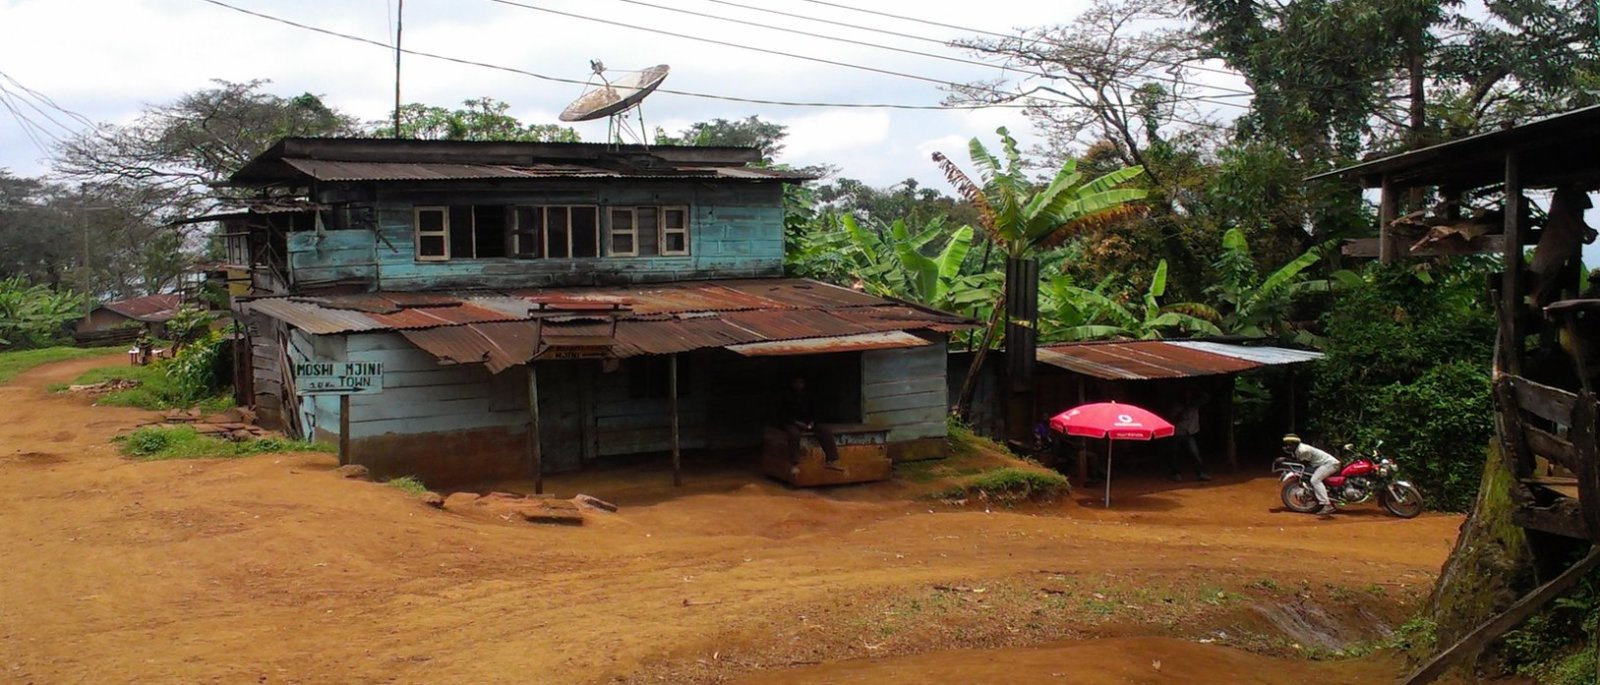 Het blauwe huis in het centrumpje van Shimbwe